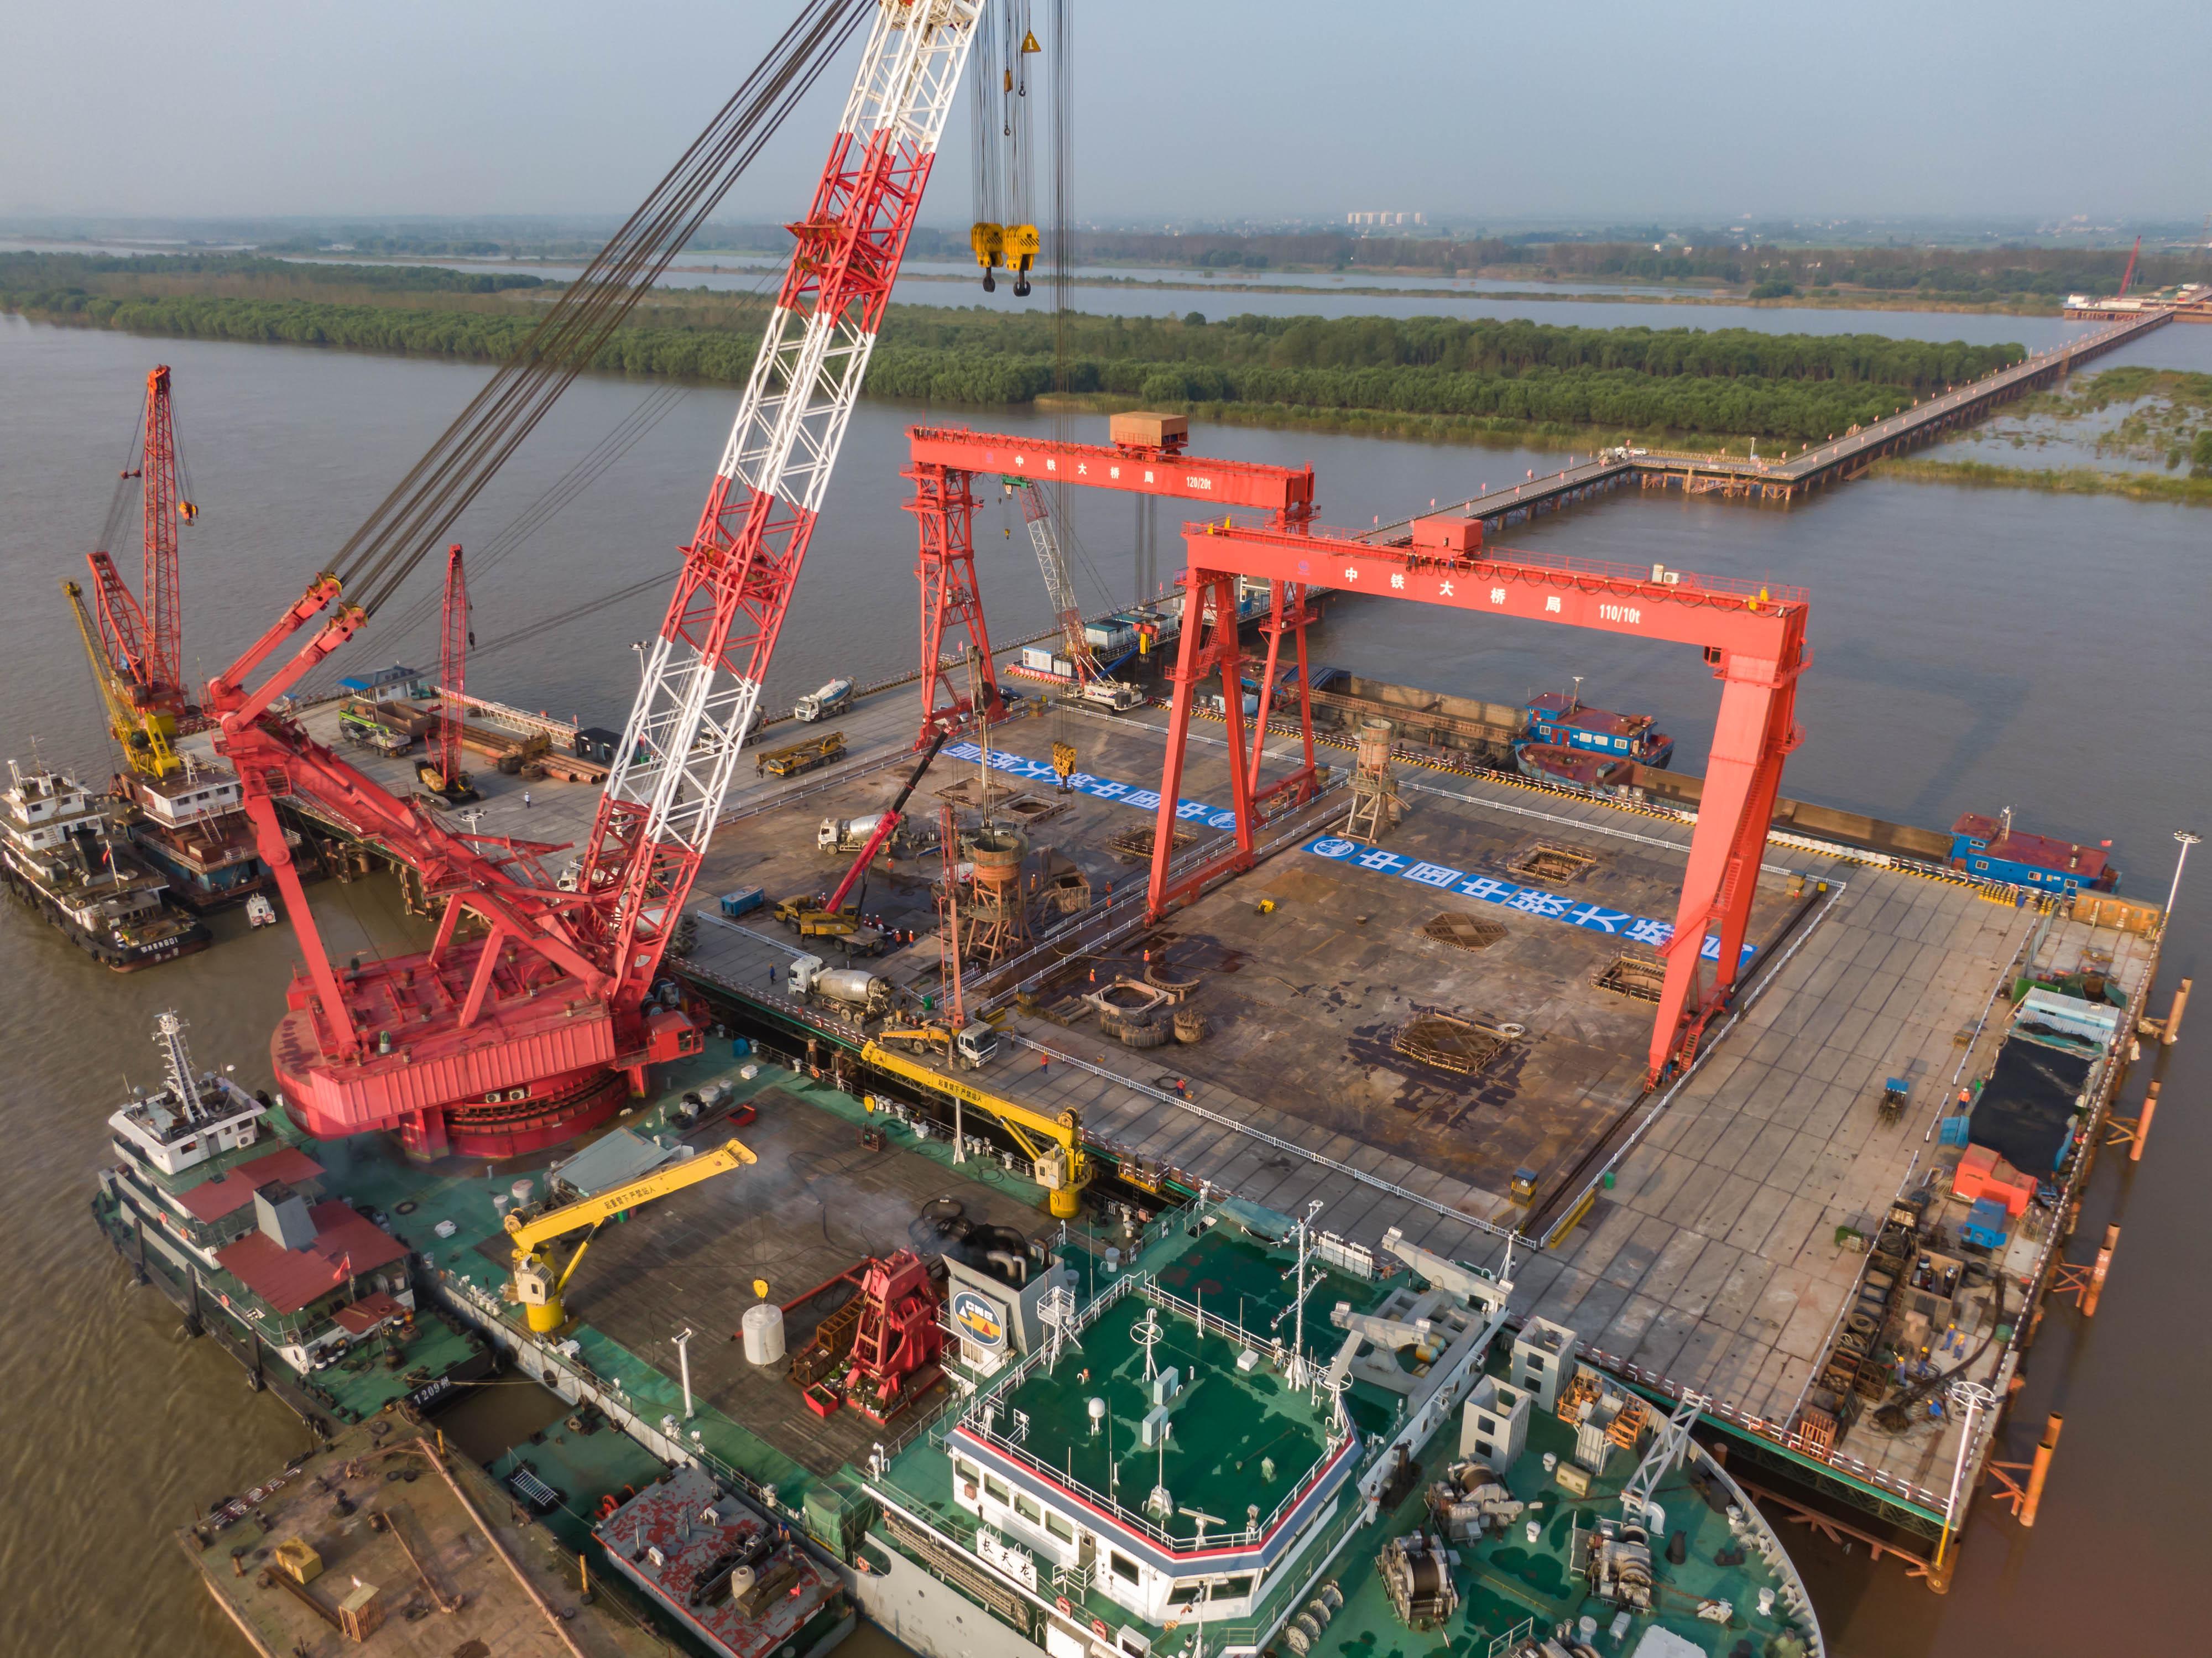 世界最大跨度三塔斜拉桥完工,促进经济发展